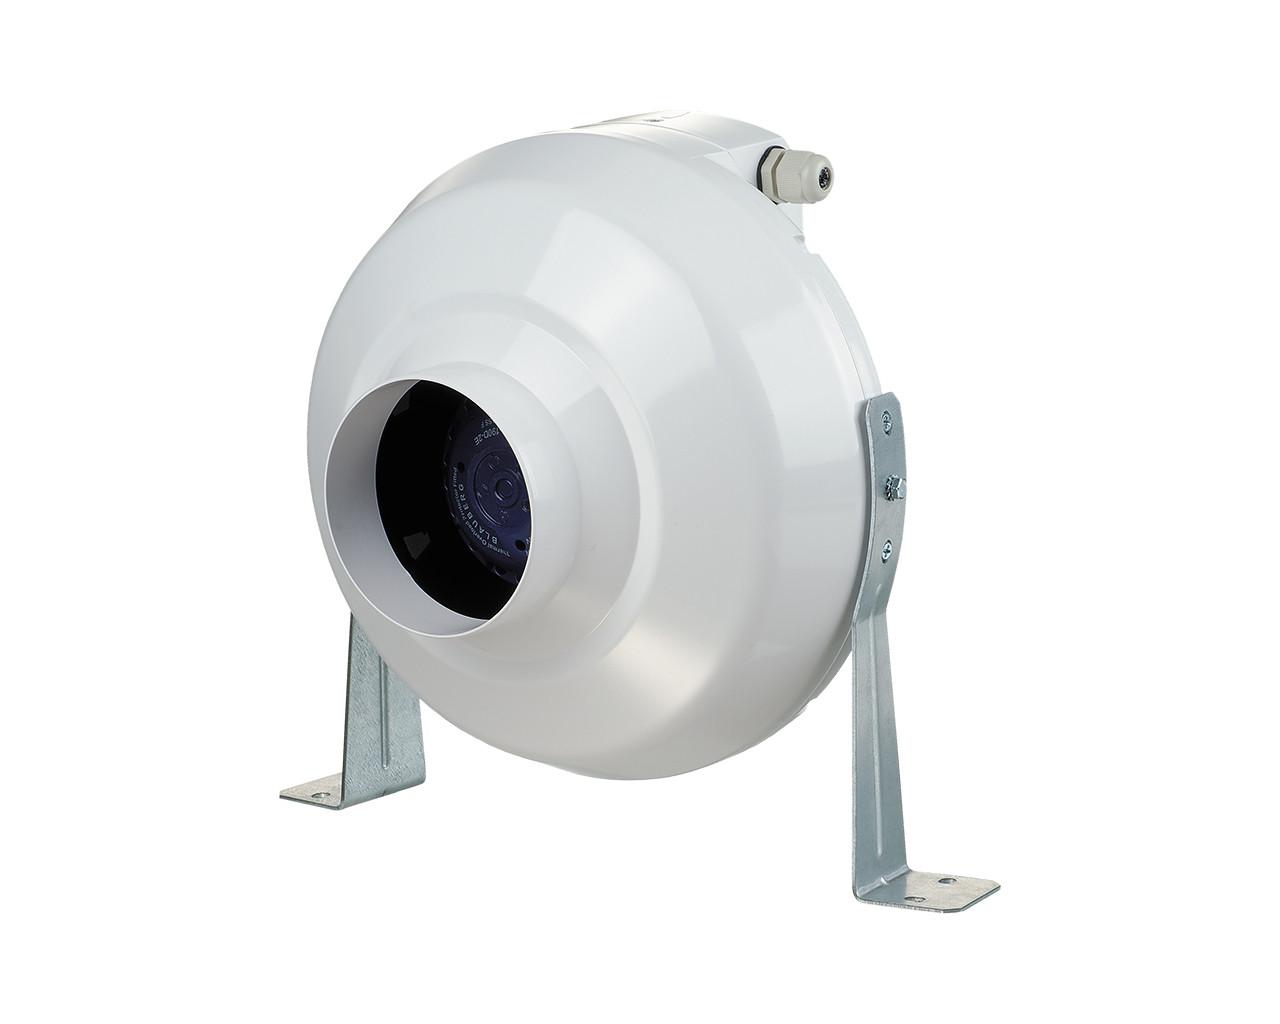 Kunststof buisventilator BK100 250m3/h Ø 100mm kopen? | Spirototaal